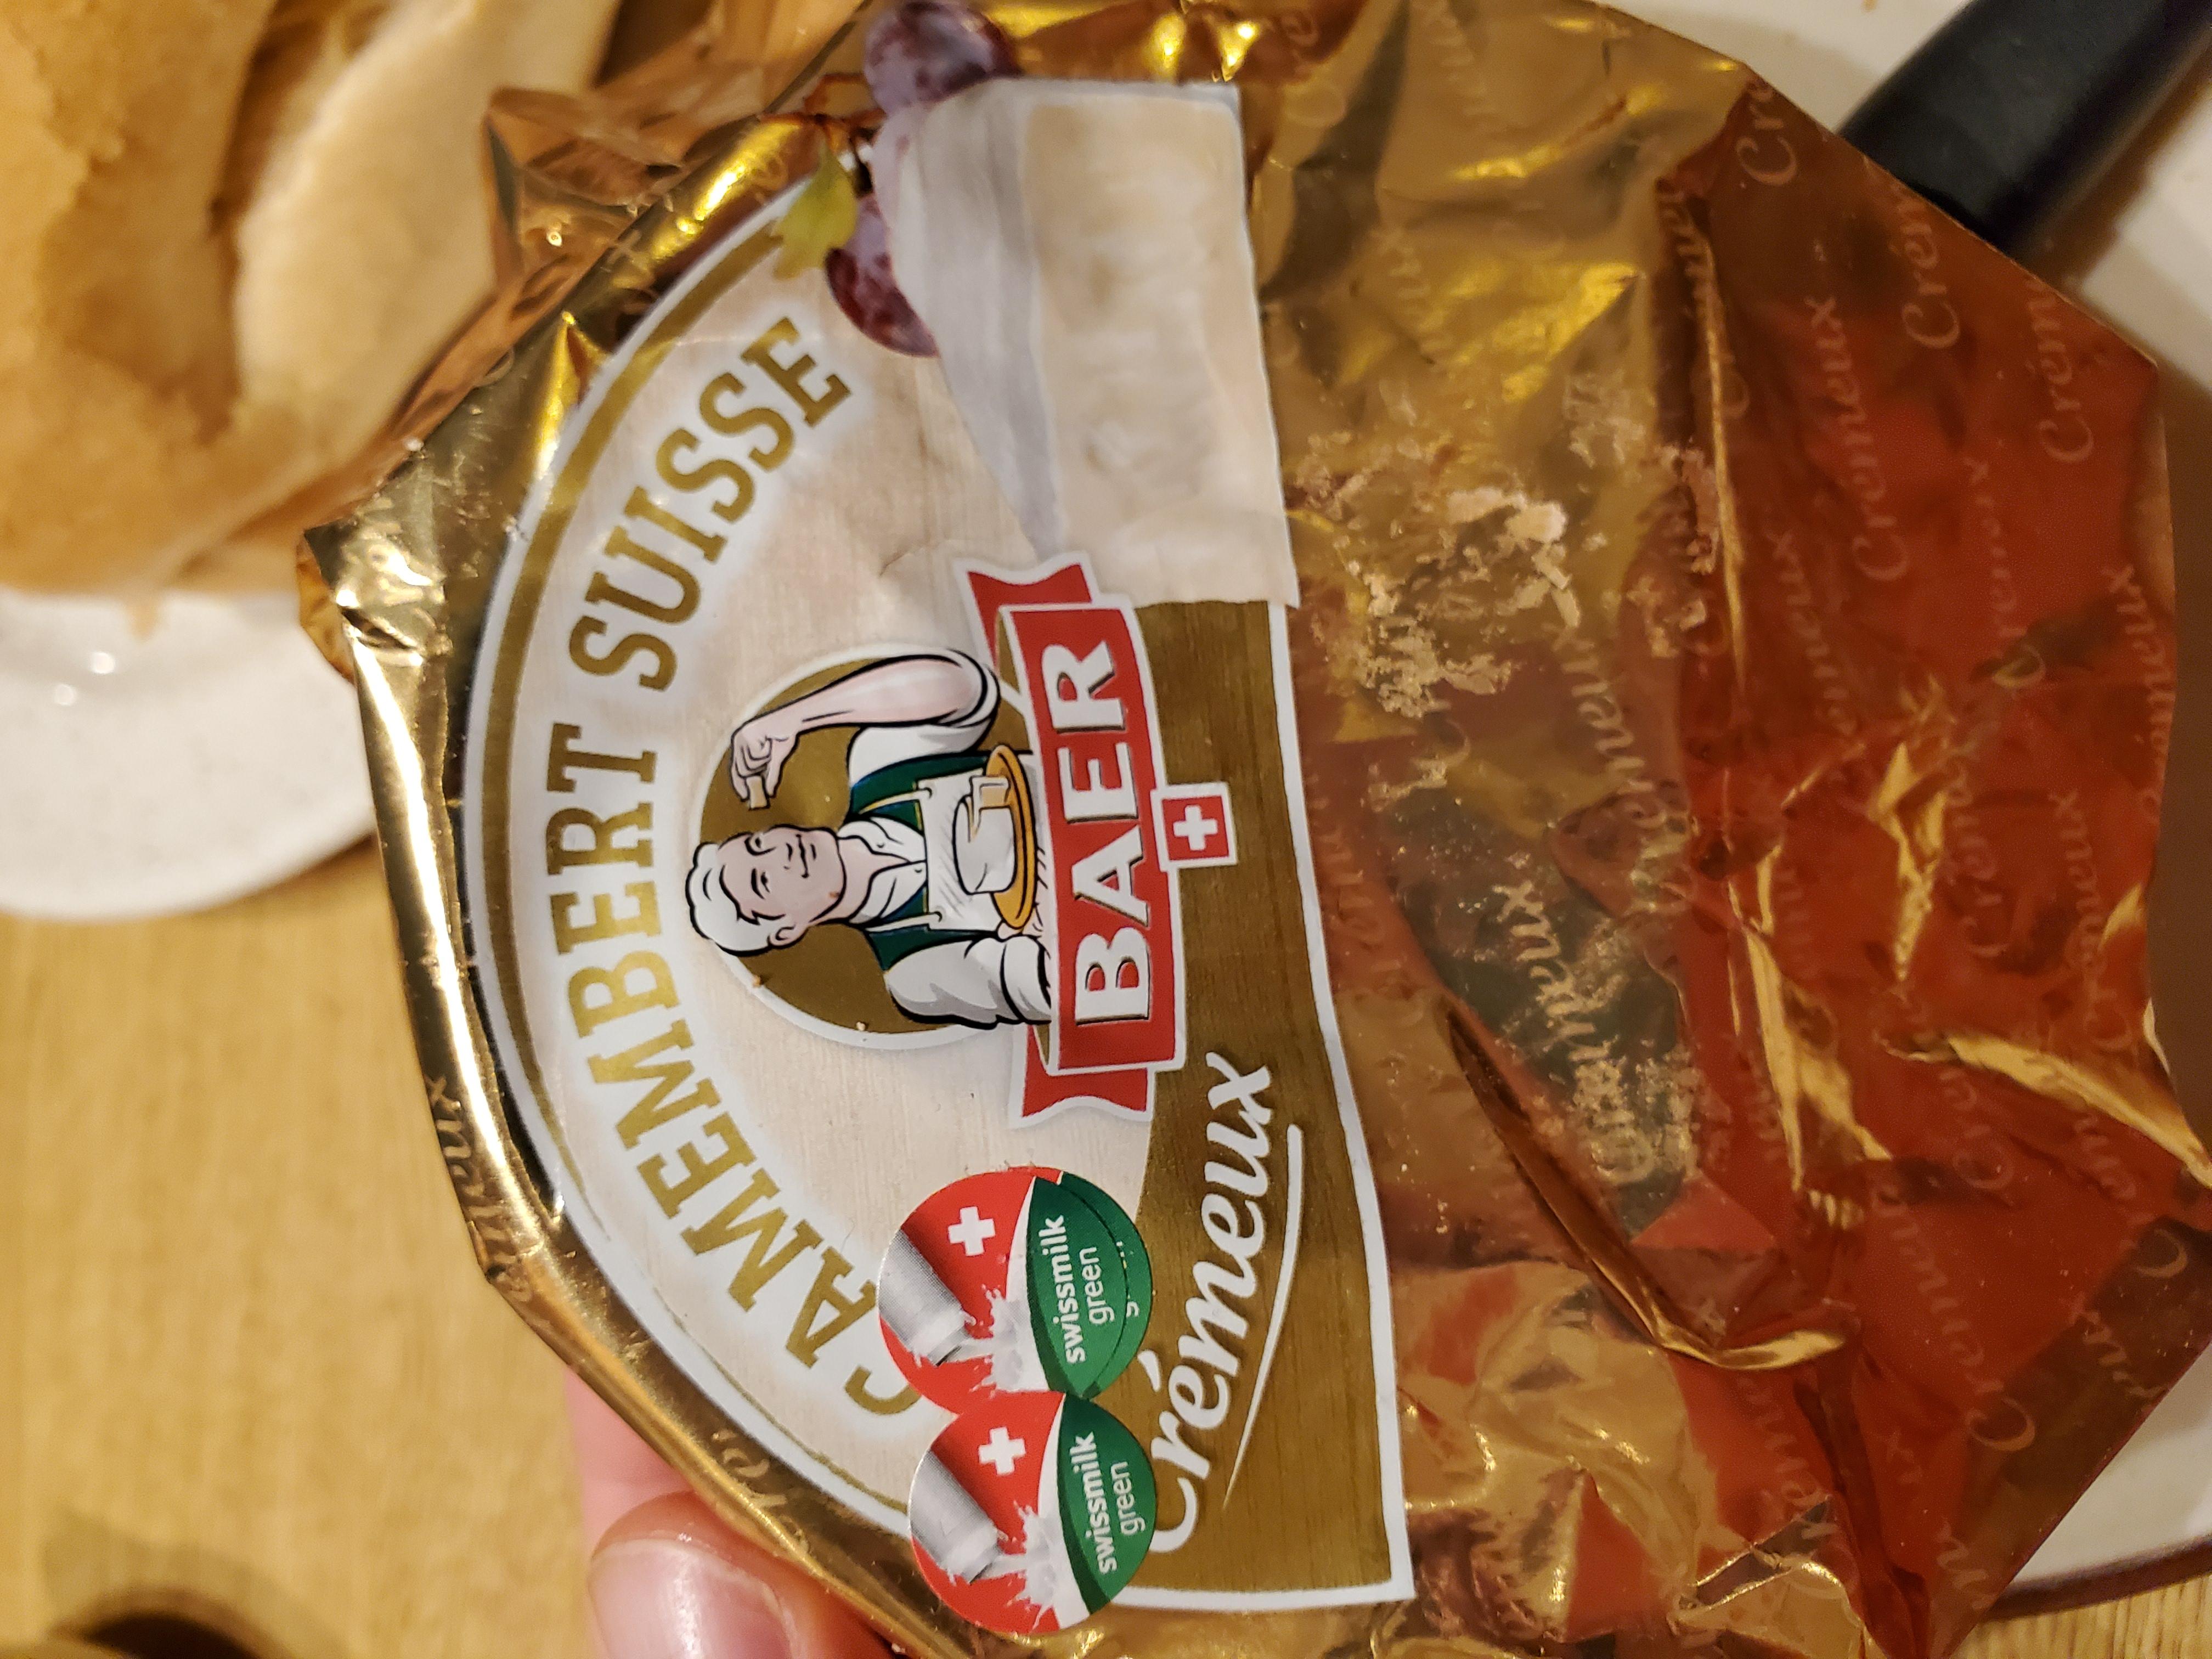 Camembert Suisse